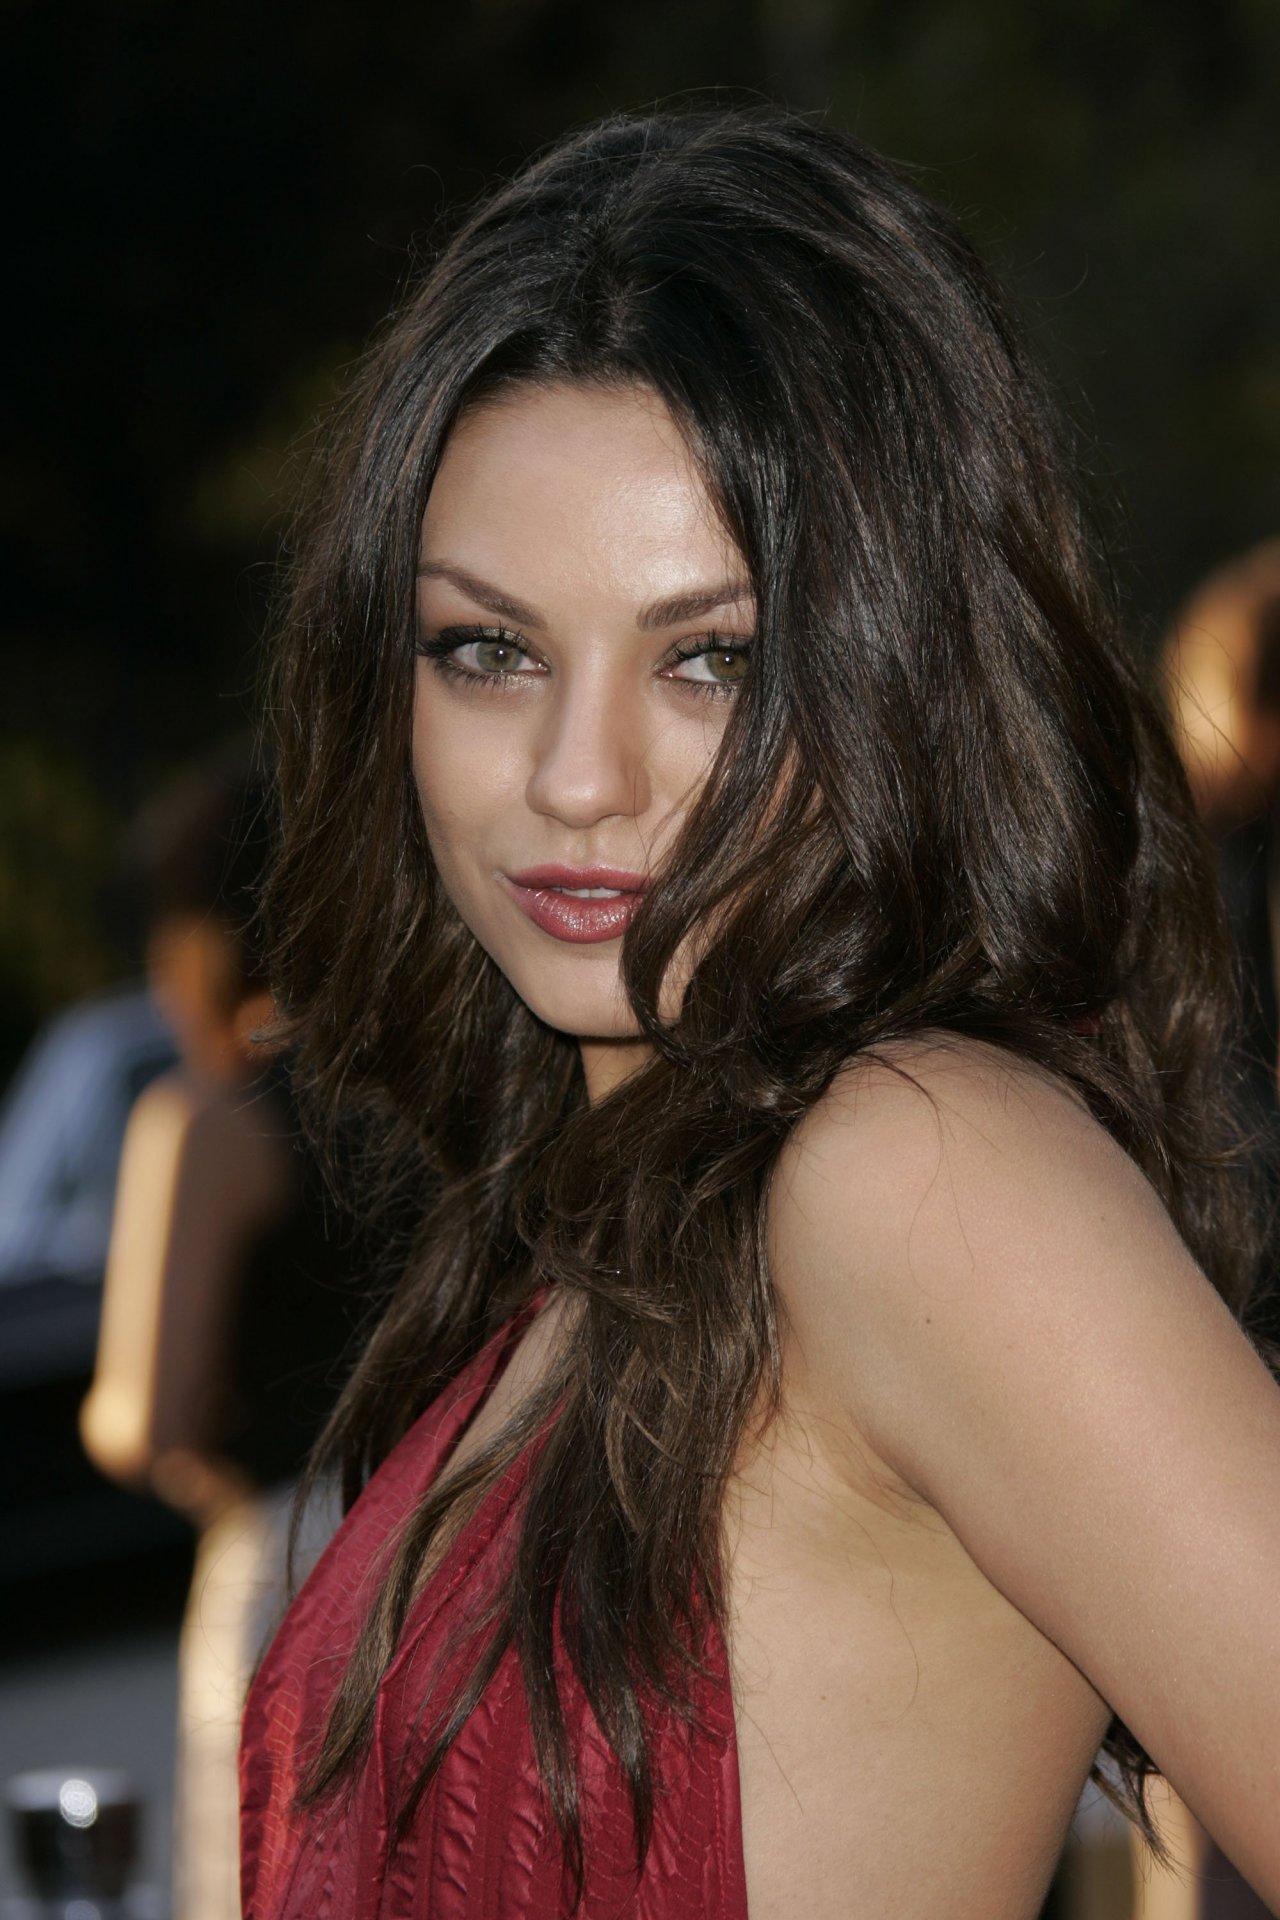 А если голая Мила Кунис (Mila Kunis) не достаточно тебя возбудила, ты